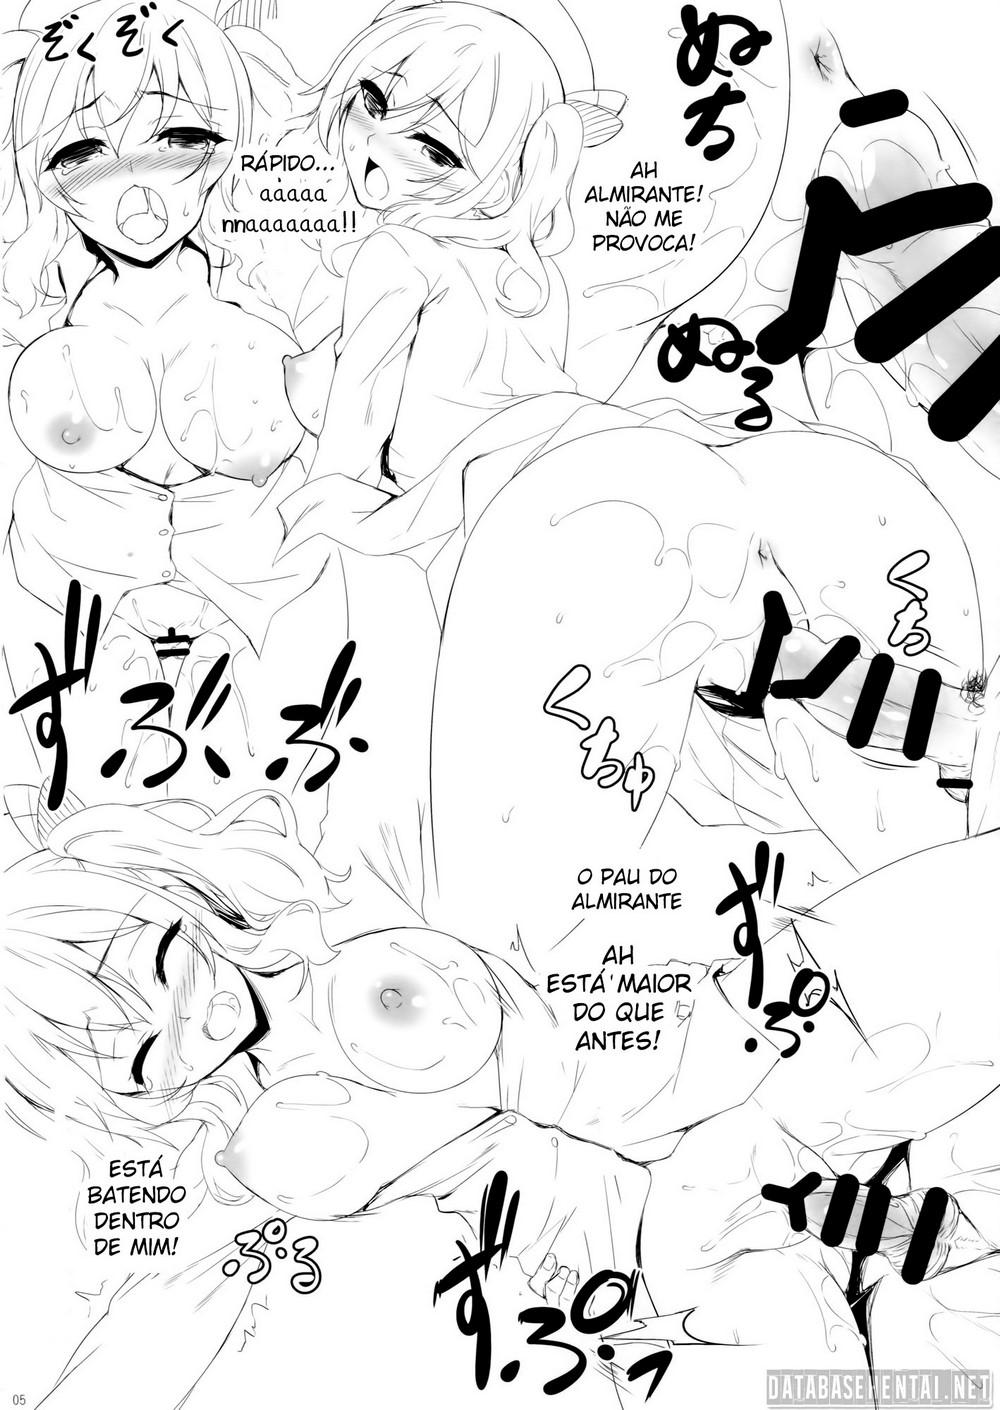 84-hentai-brasil-0003